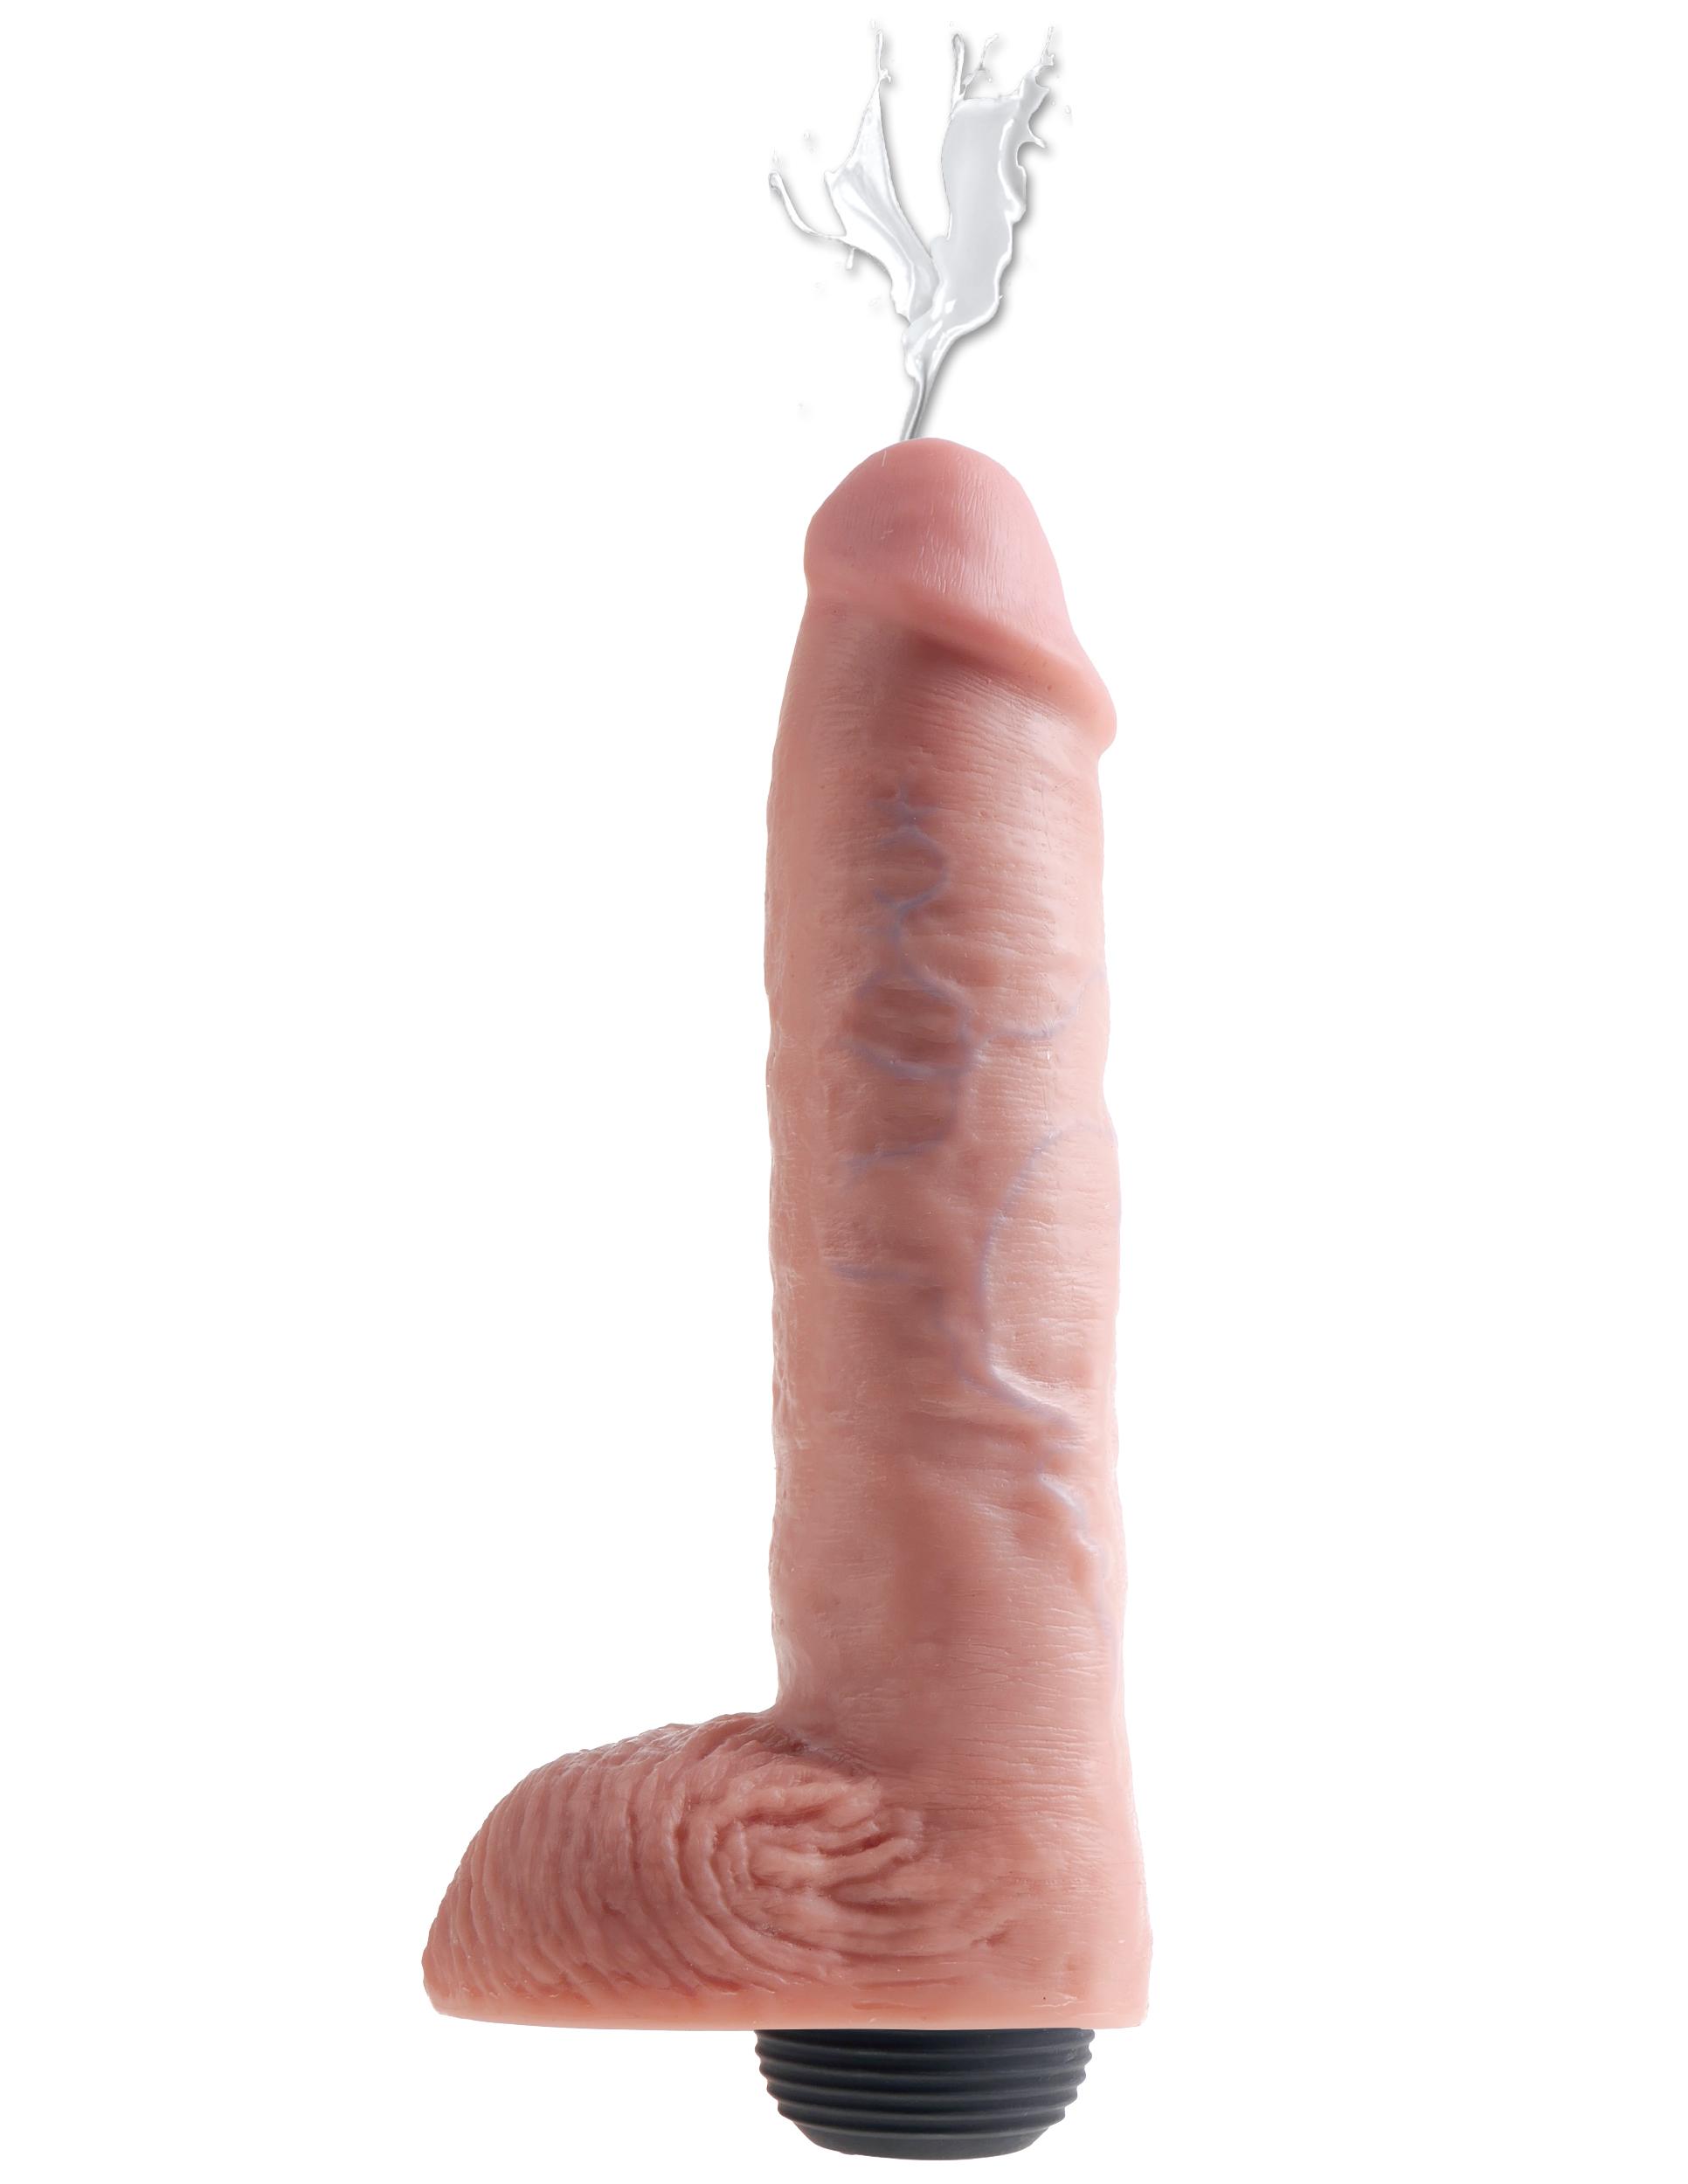 Černá dildo stříkat